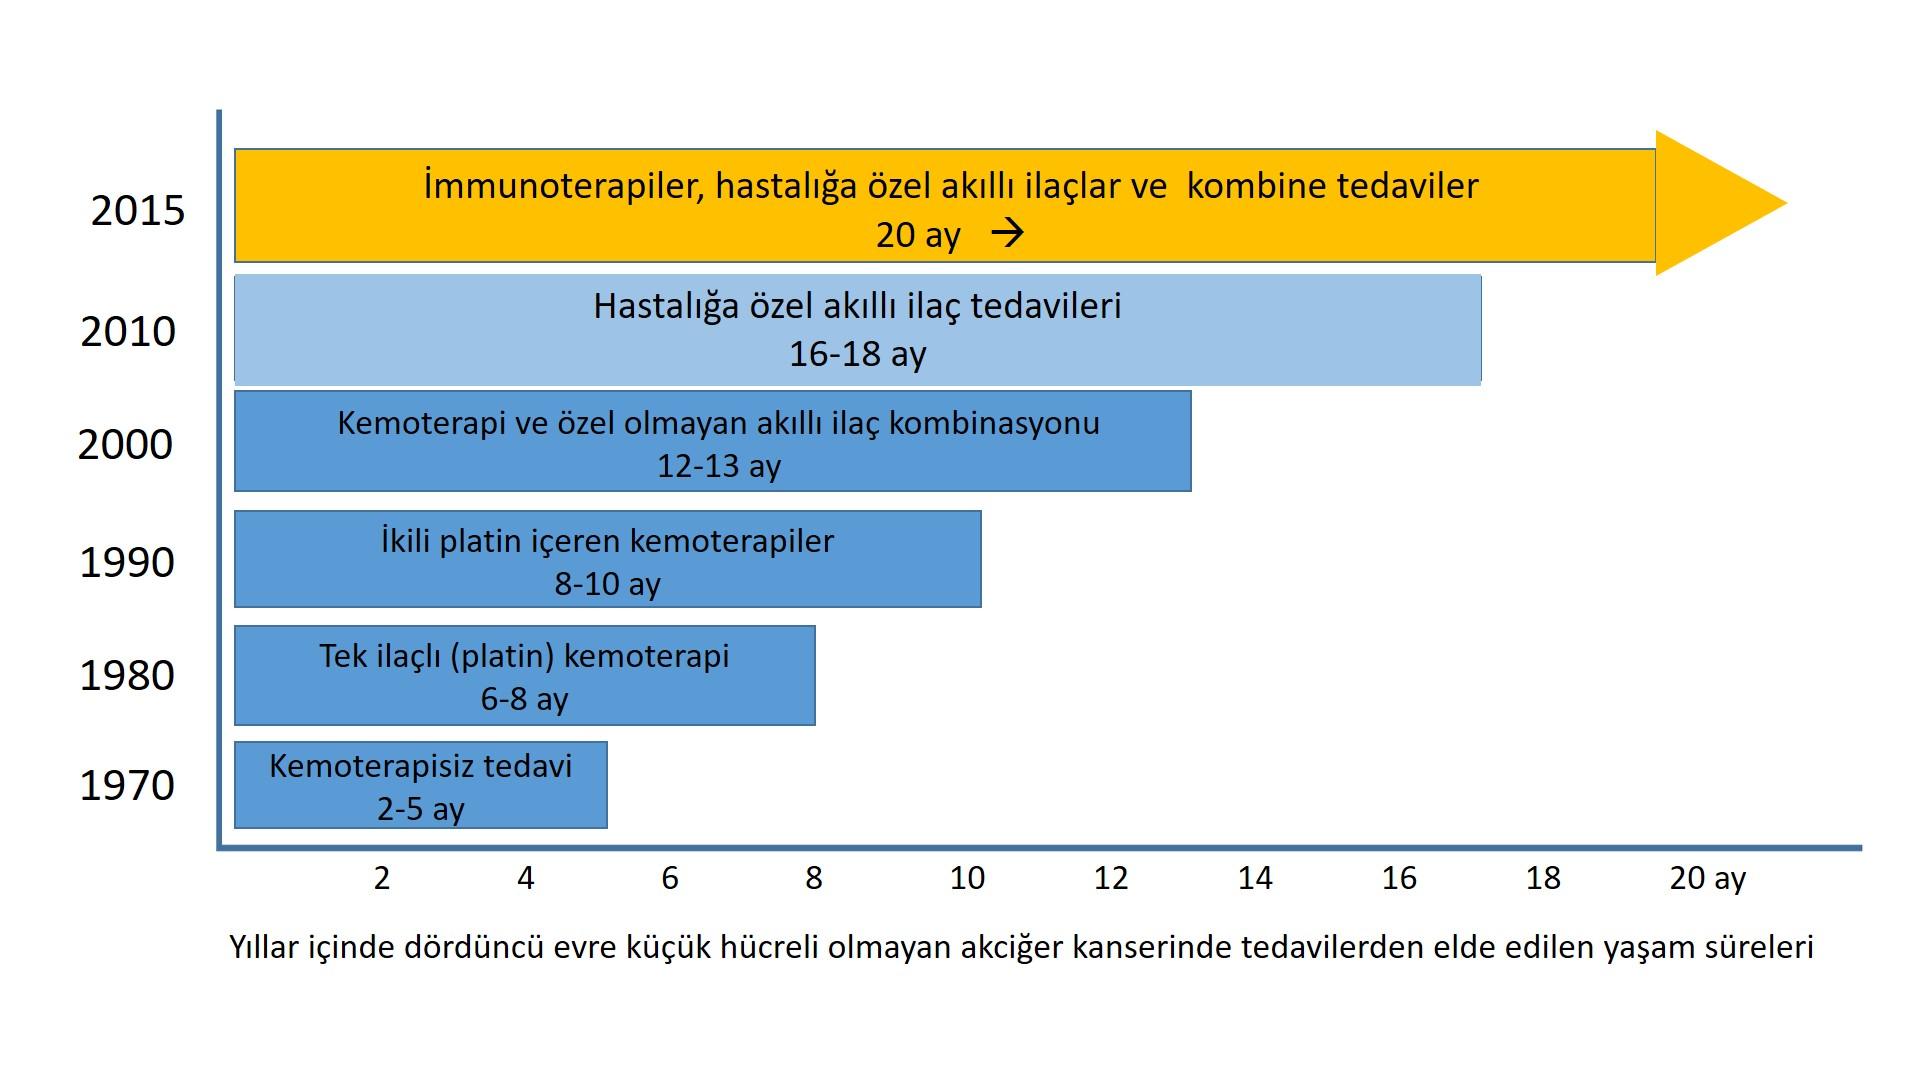 Küba kanser aşısı yeniden tartışılıyor. Peki gerçek nedir? Akci C4 9Fer 20kanseri 20tedavisinde 20yenilikler 20imm C3 BCnoterapi 20ve 20kombine 20tedavileri 20ile 20artan 20ya C5 9Fam 20s C3 BCreleri